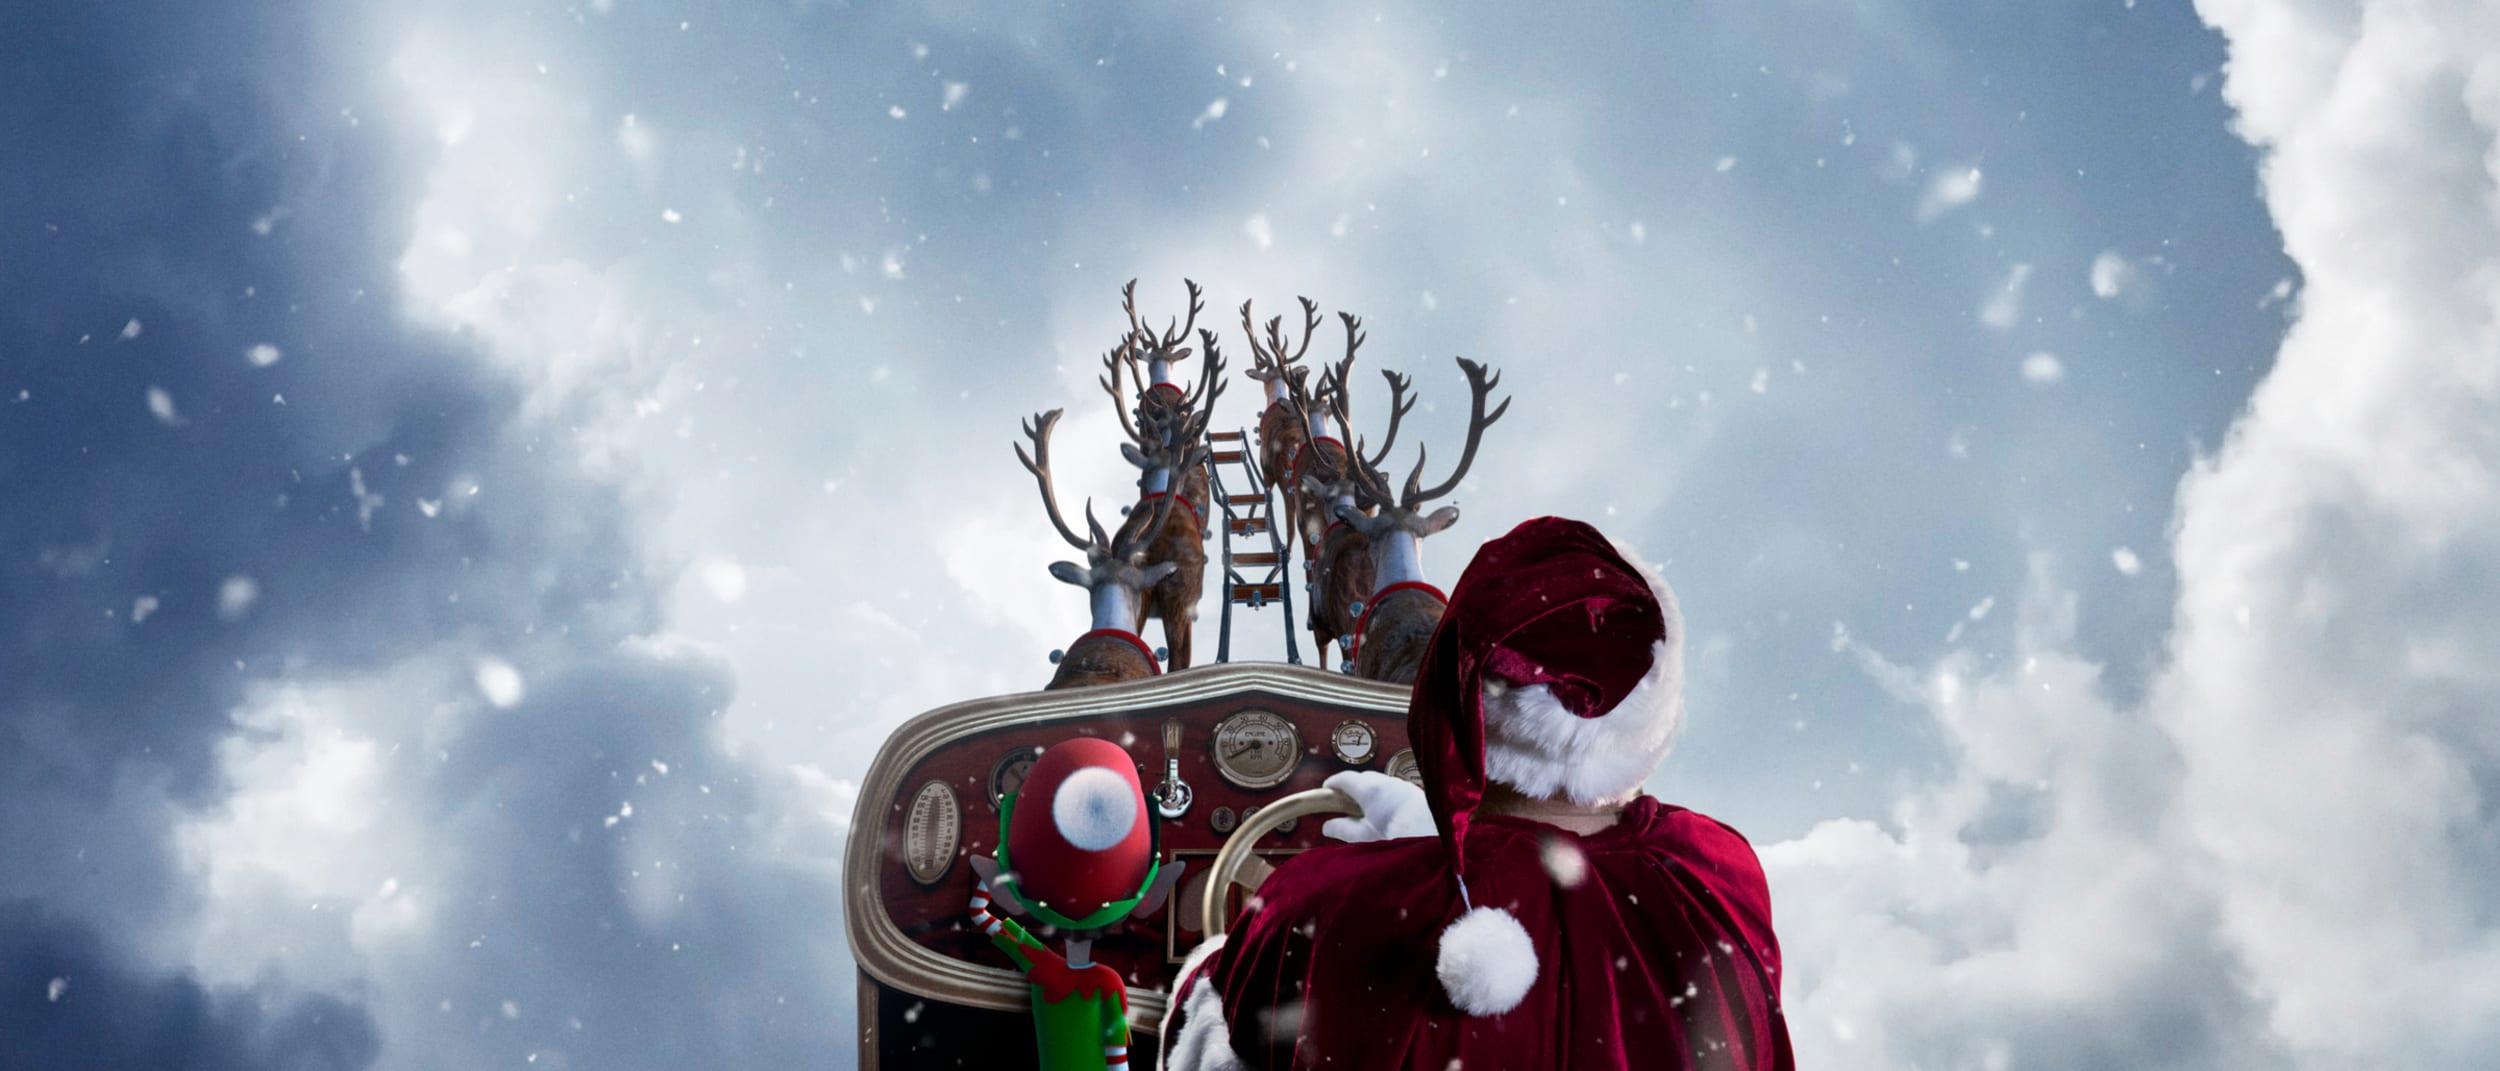 Santa's arrival